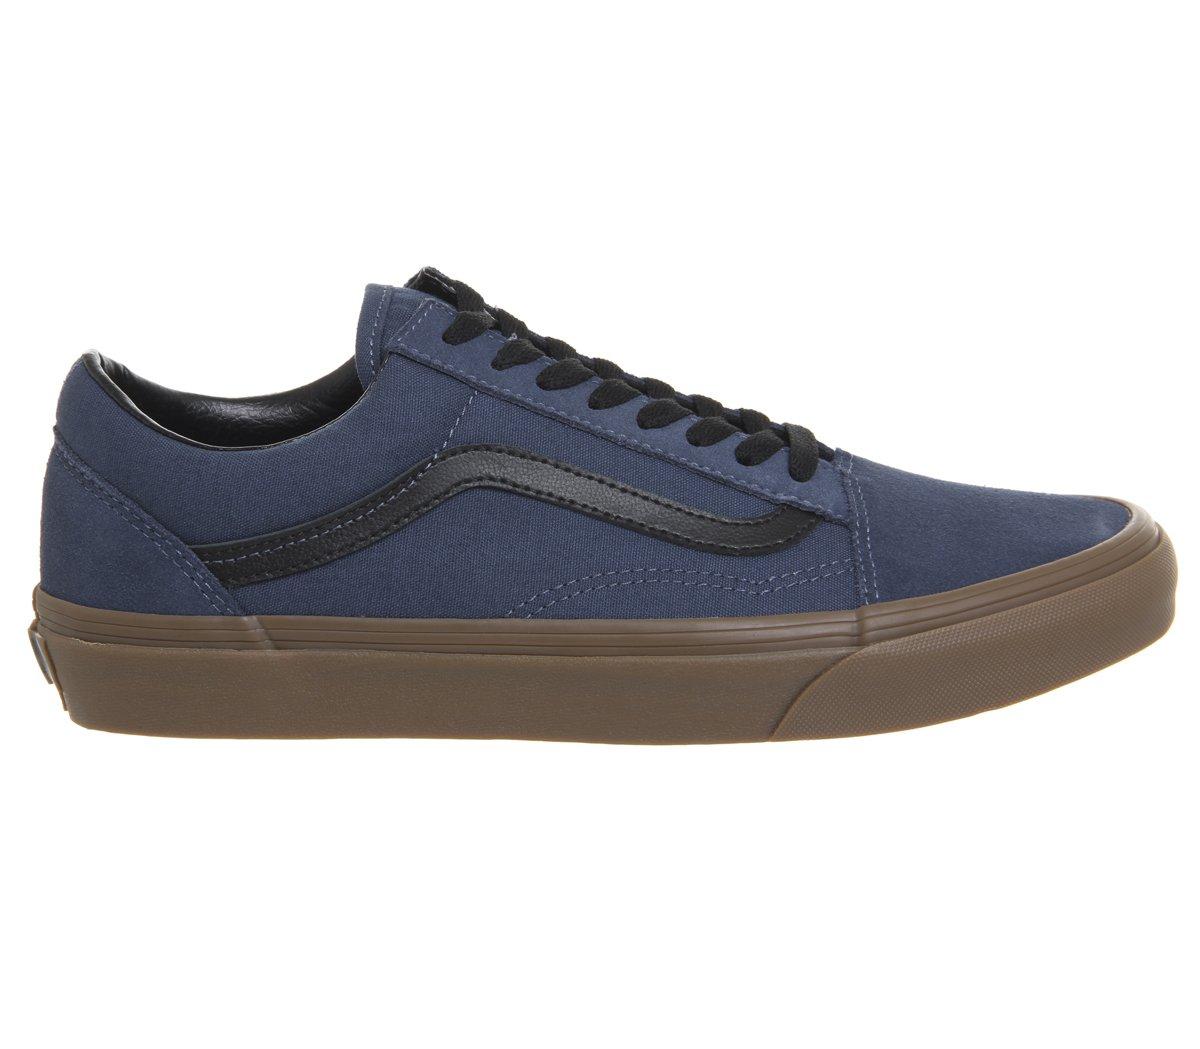 Vans Unisex Old Skool Classic Skate Shoes B078Y8H7HR 7.5 M US Women / 6 M US Men|Dark Denim/Gum